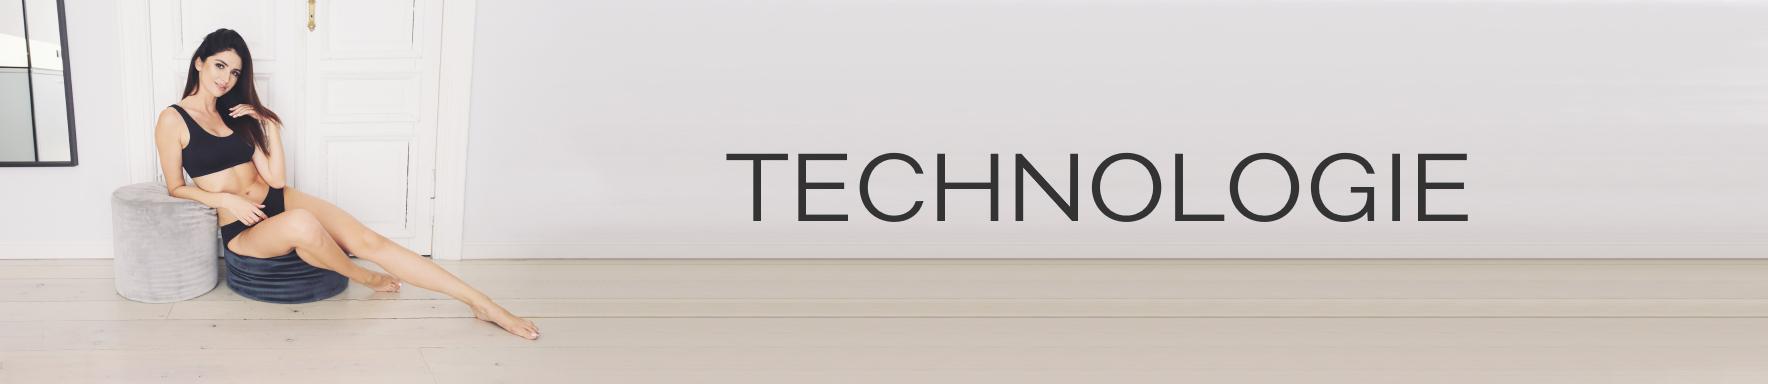 baner_technologie_full.jpg